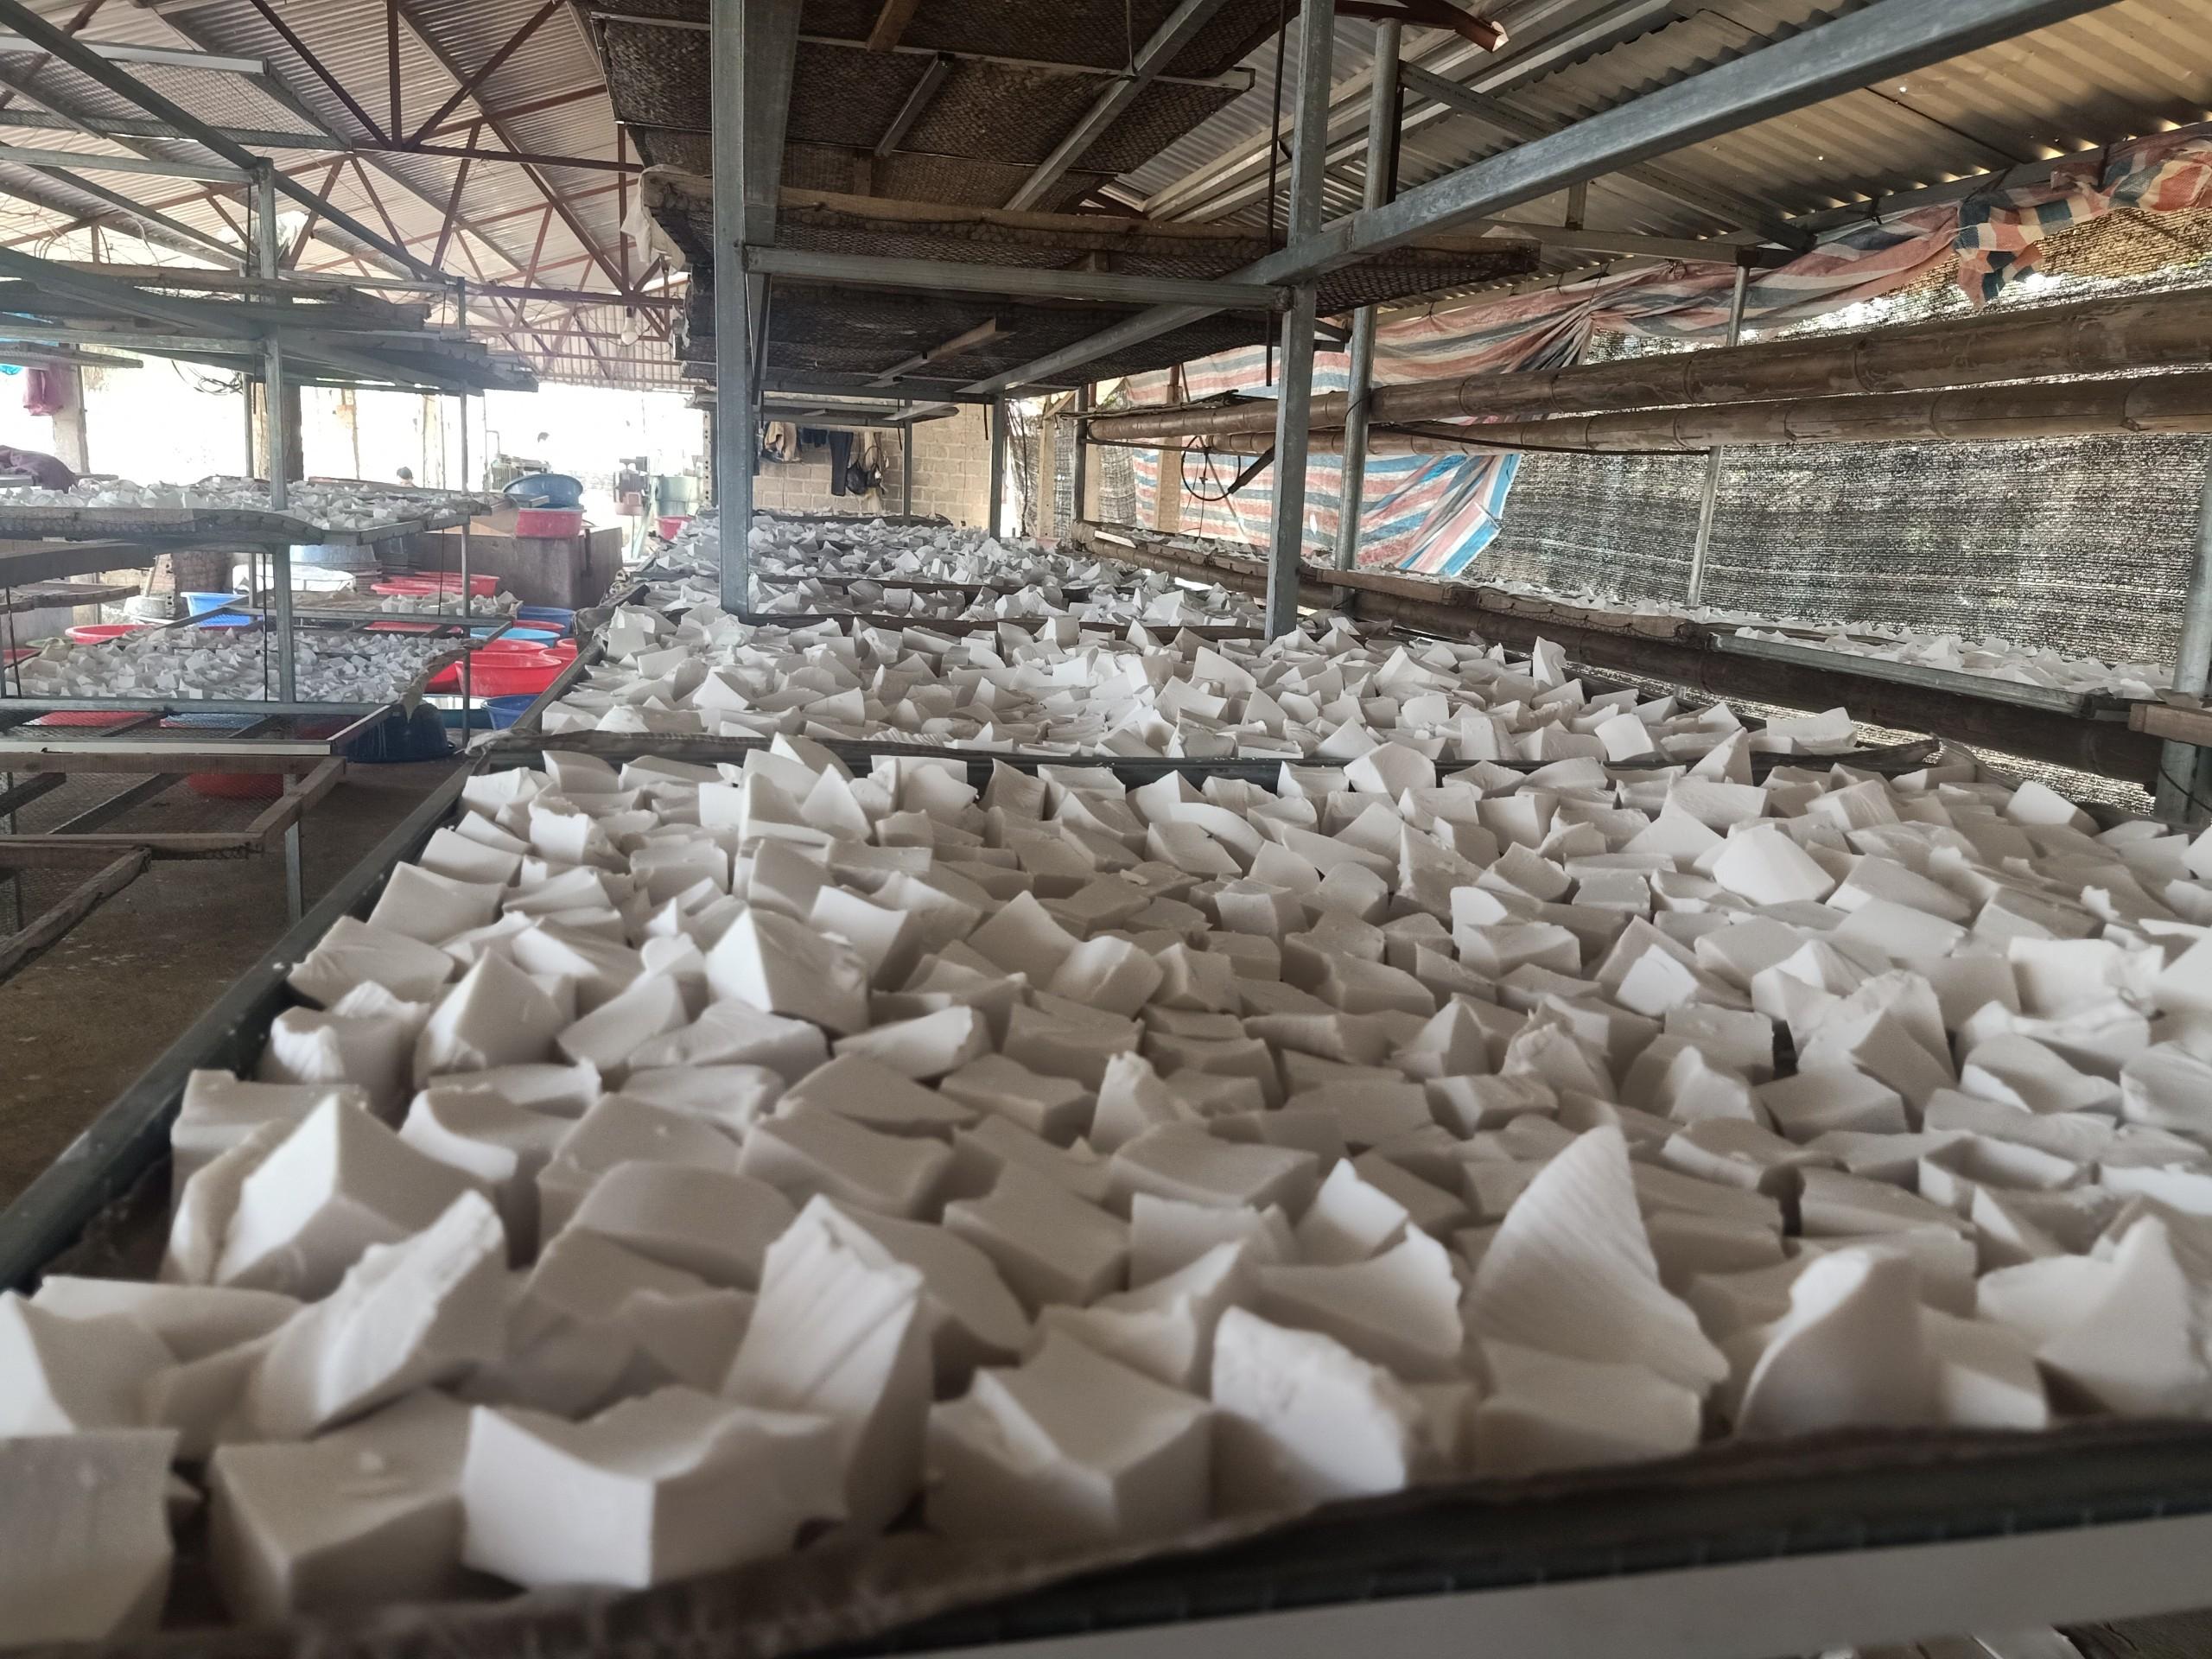 Quy trình từ trồng đến thu hoạch và sản xuất thành tinh bột sắn dây Ngọc Liên được người dân áp dụng kỹ thuật máy móc thay thế sức người.